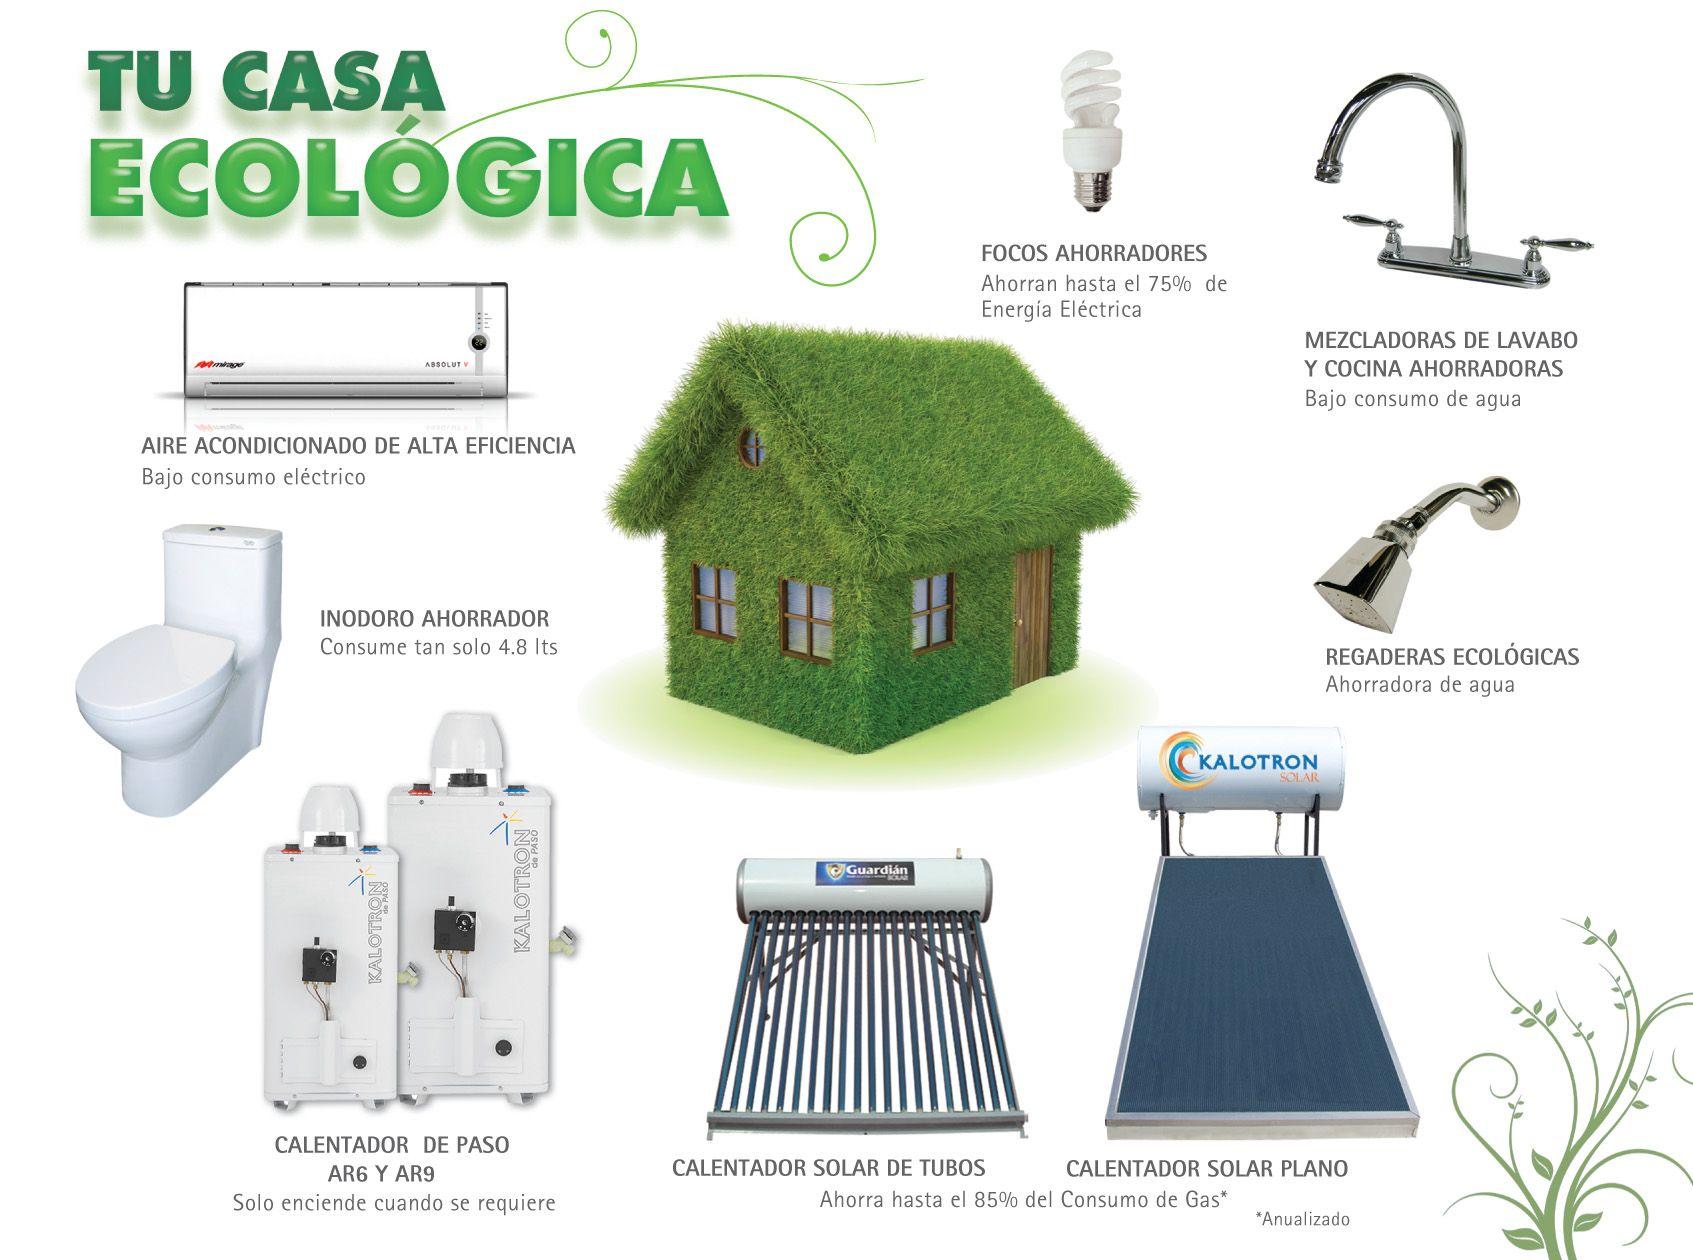 casa ecolgica es una casa ecolgica es diseada para hacer uso adecuado de los recursos naturales